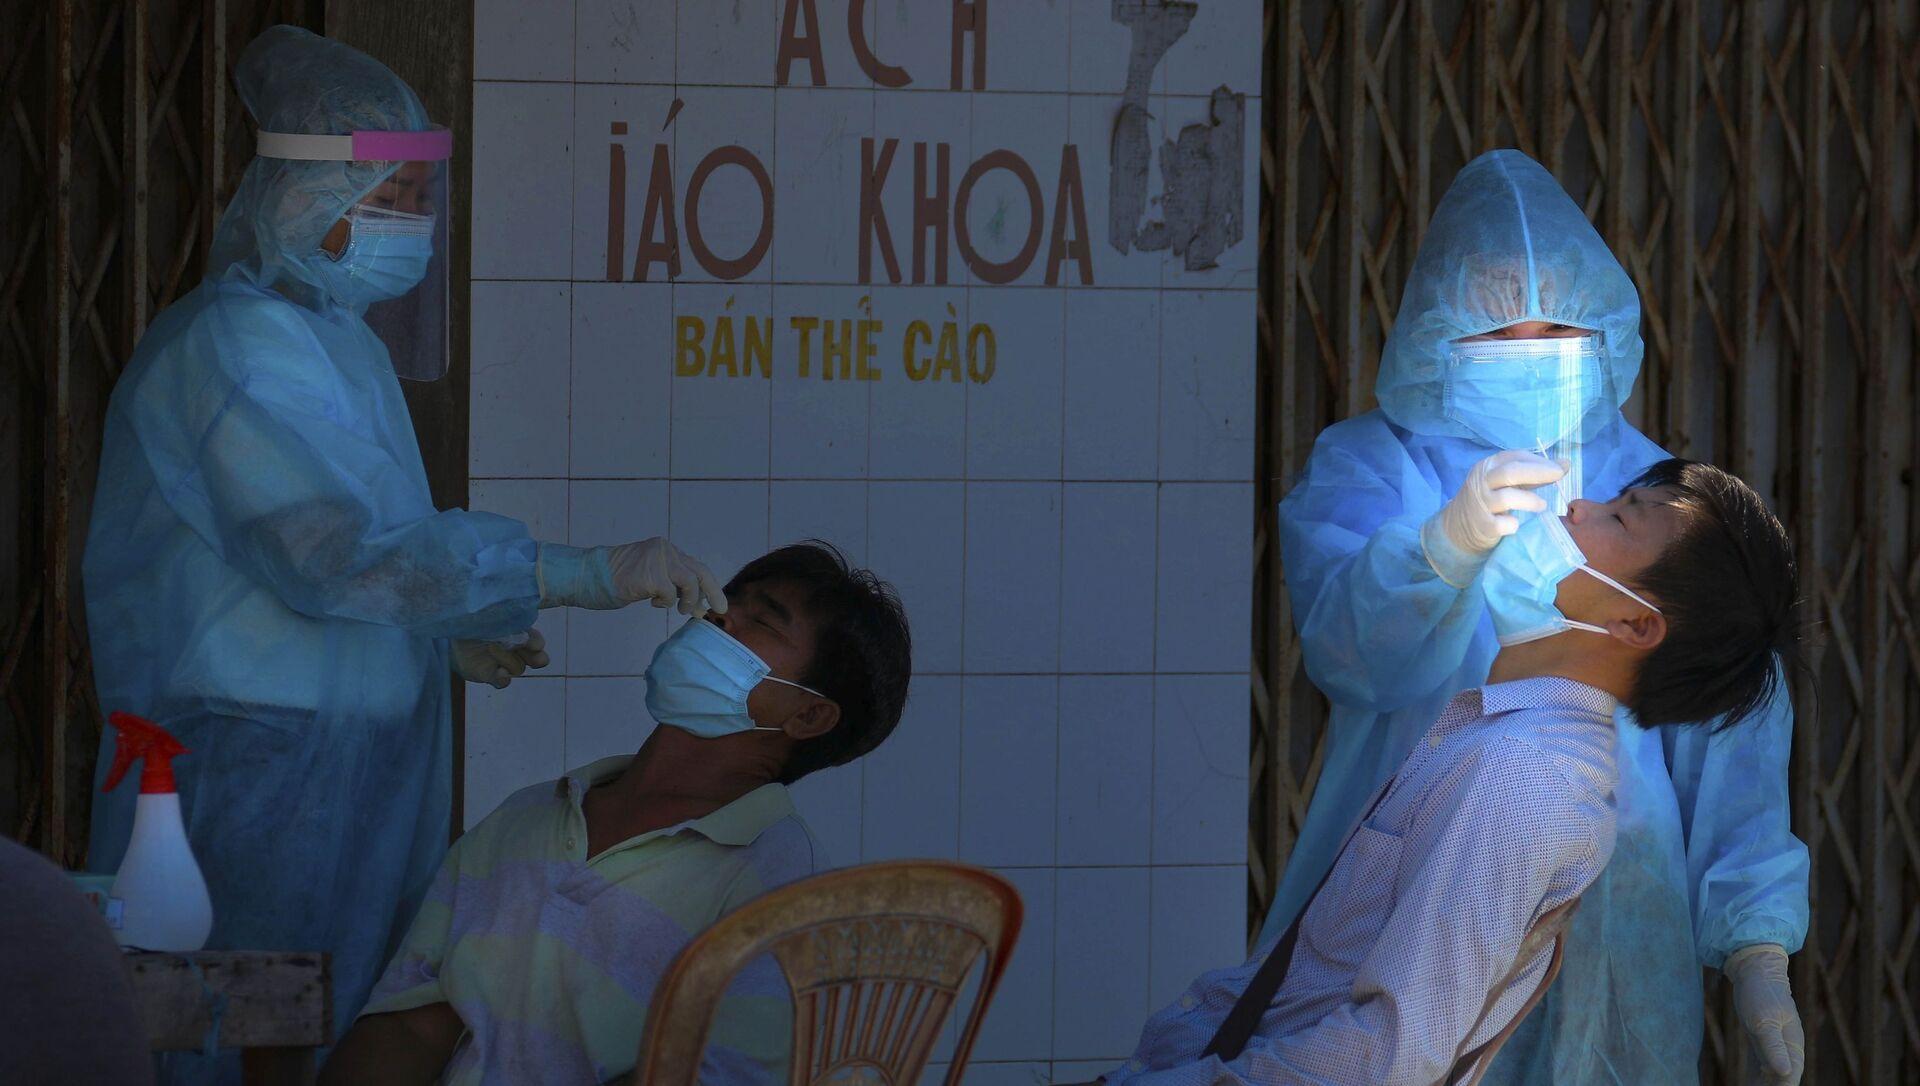 Lấy mẫu 5% người dân trong khu vực bình thường mới để xét nghiệm test kháng nguyên mẫu gộp.  - Sputnik Việt Nam, 1920, 17.08.2021